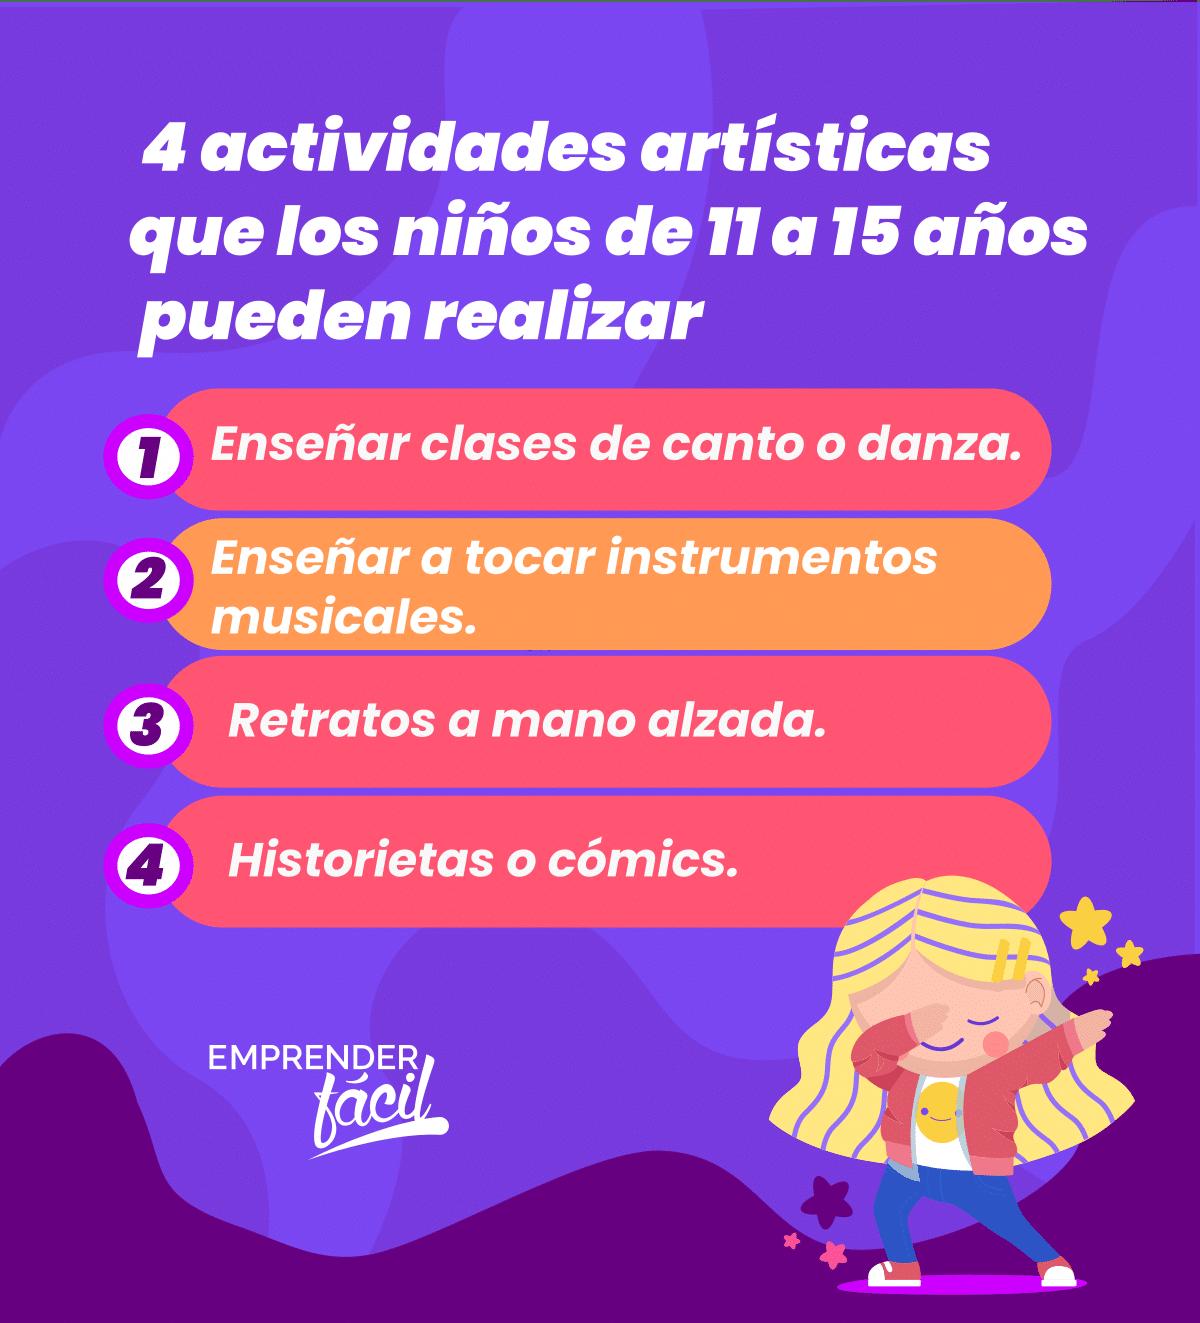 Arte como emprendimiento para niños de 11 a 15 años.